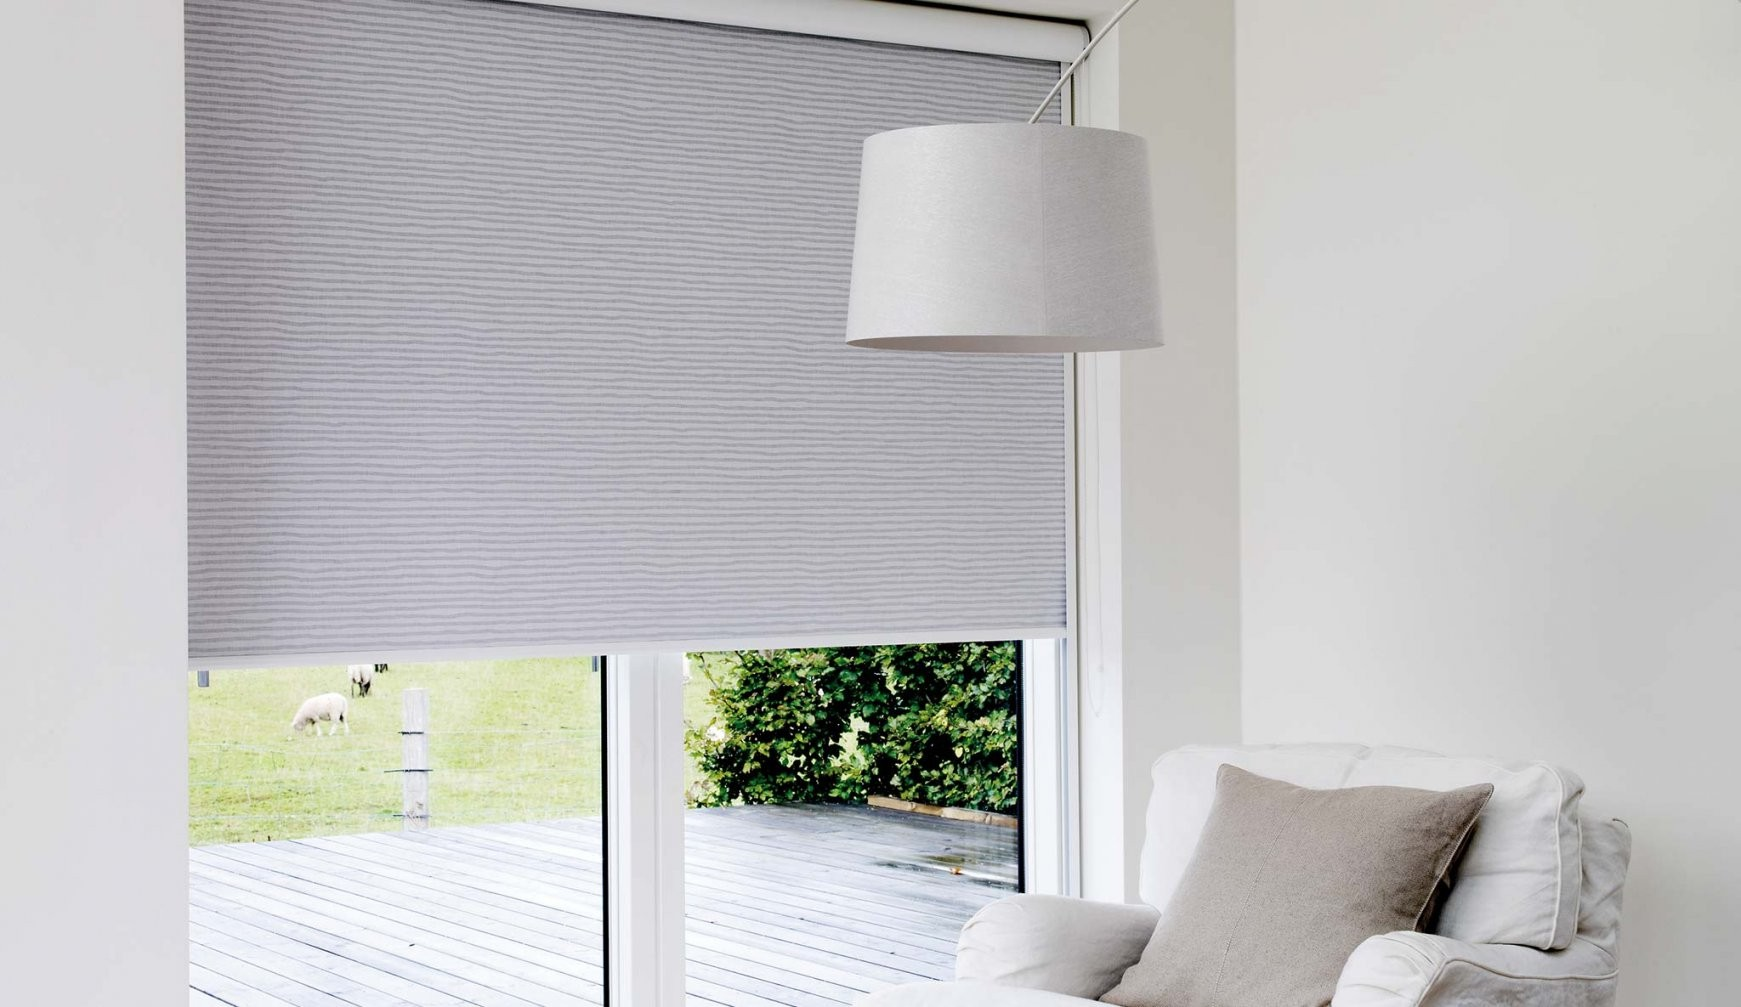 Innenrollos Am Fenster  Hochreflektierend  Vom Hersteller Rollos von Fenster Rollos Für Innen Photo